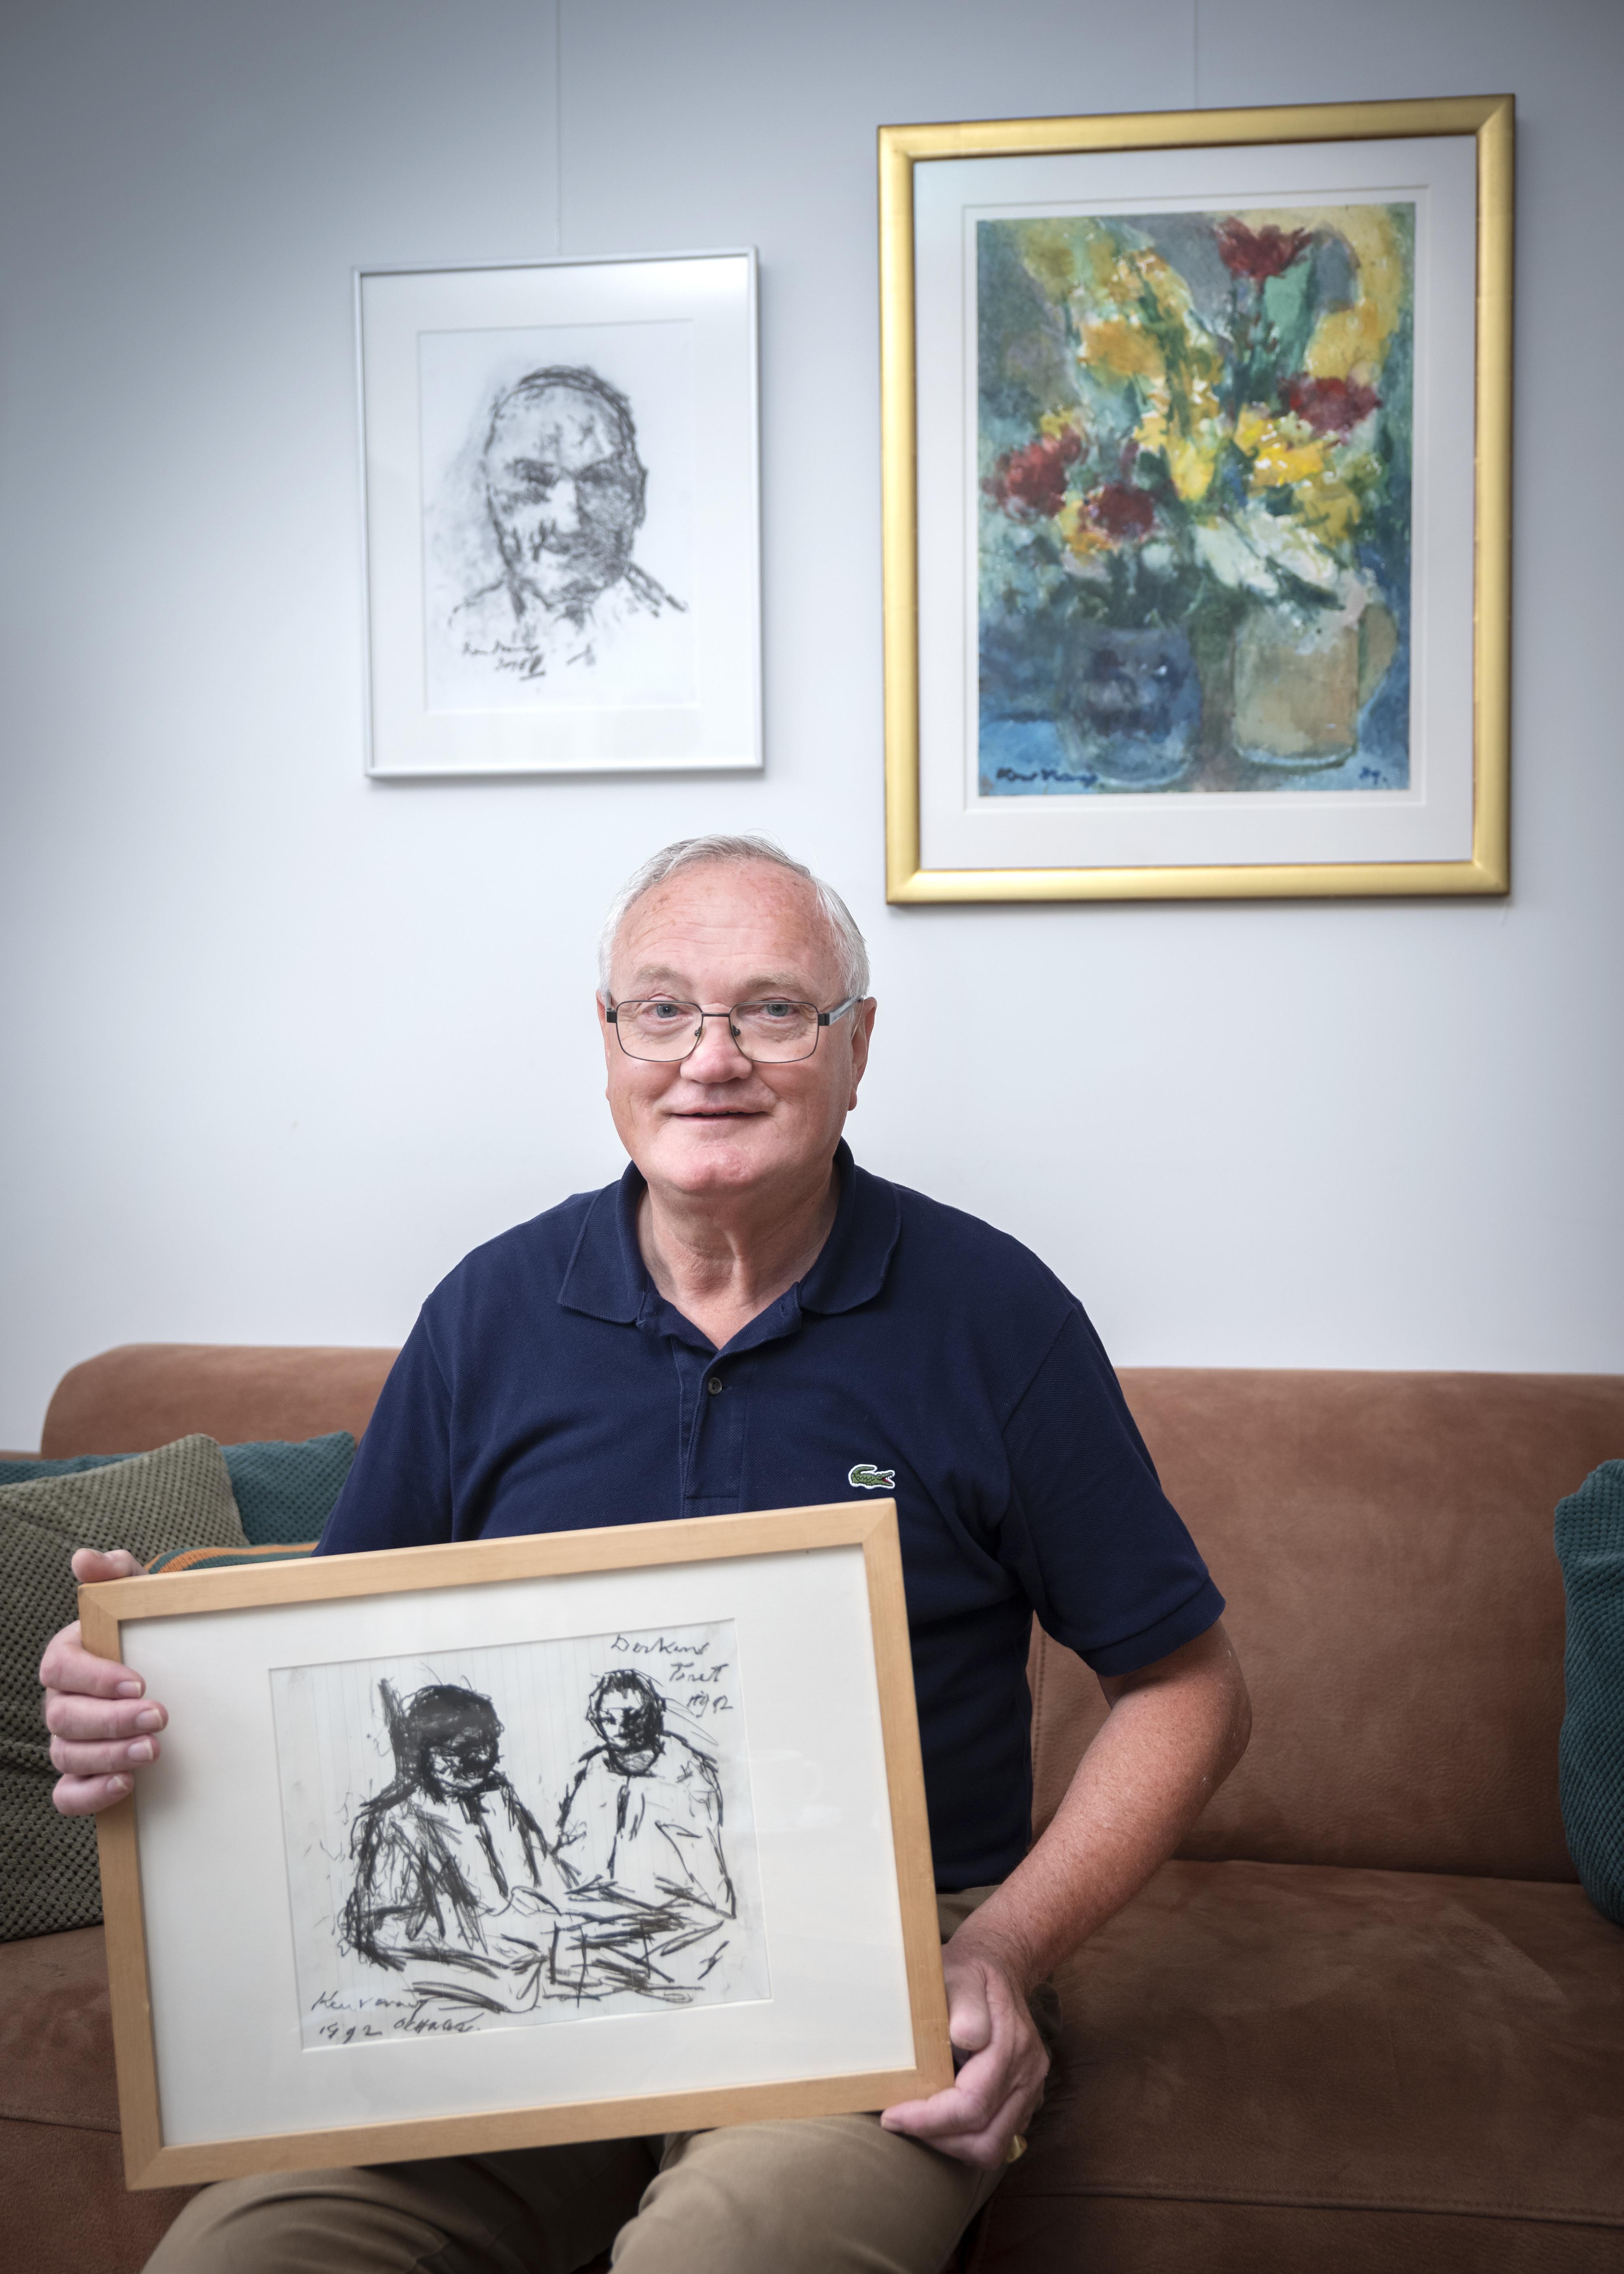 Fred Hoogland wil herinnering aan kunstschilder Kees Verwey levend houden: 'Ik had heel veel respect voor hem'